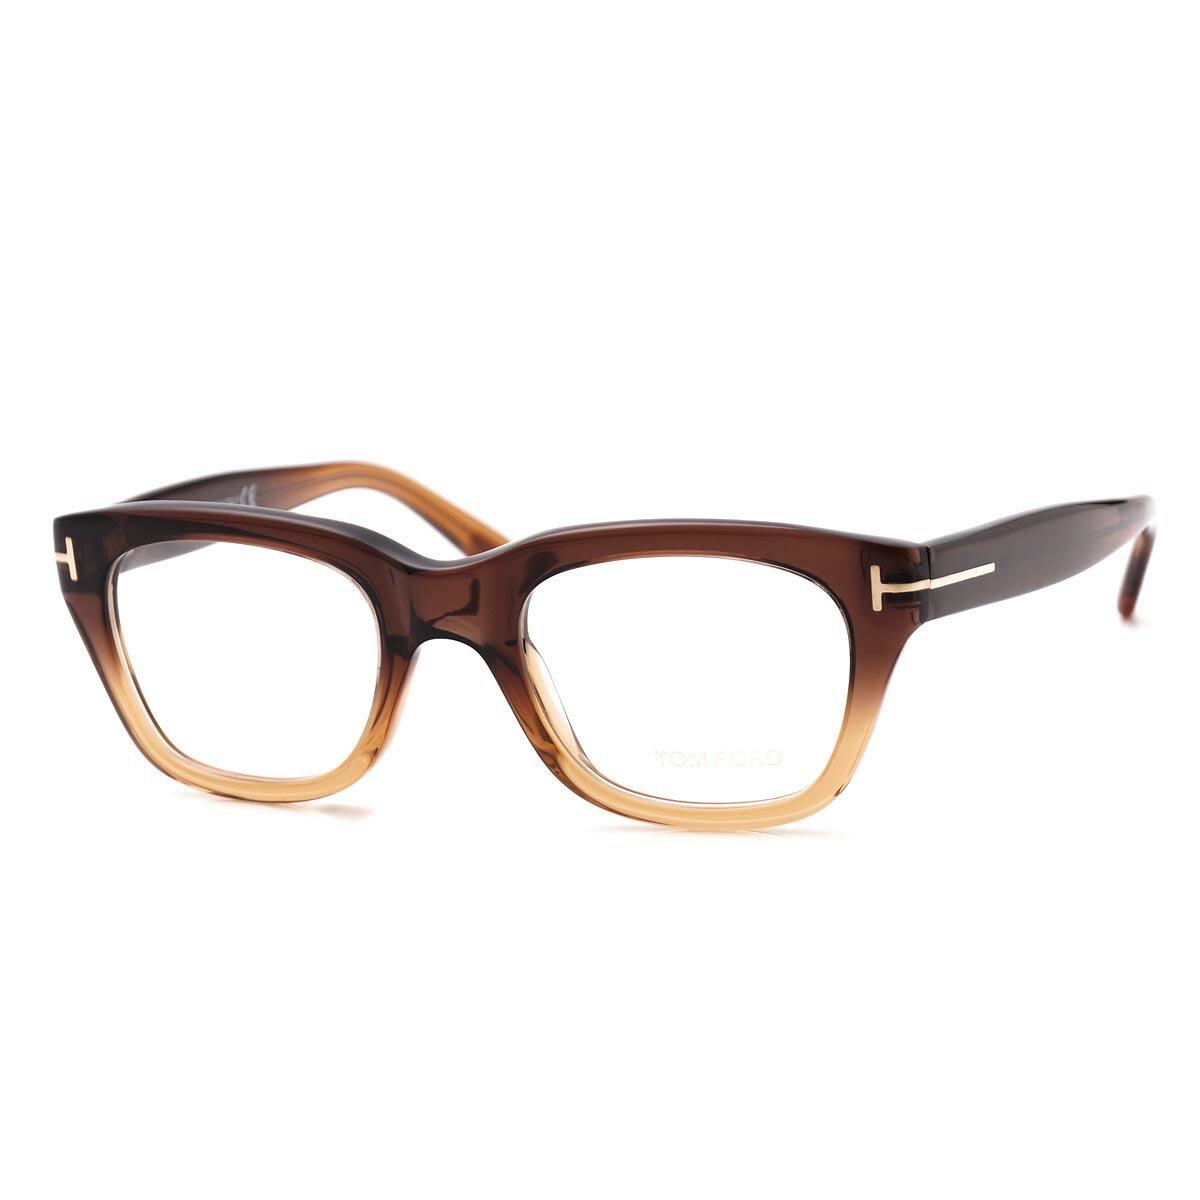 トムフォード TOM FORD 眼鏡 メガネ フレーム ブラウン メンズ レディース 茶色 ft5178 050 TF5178 ウェリントン【ラッピング無料】【返品送料無料】【170627】【あす楽対応_関東】